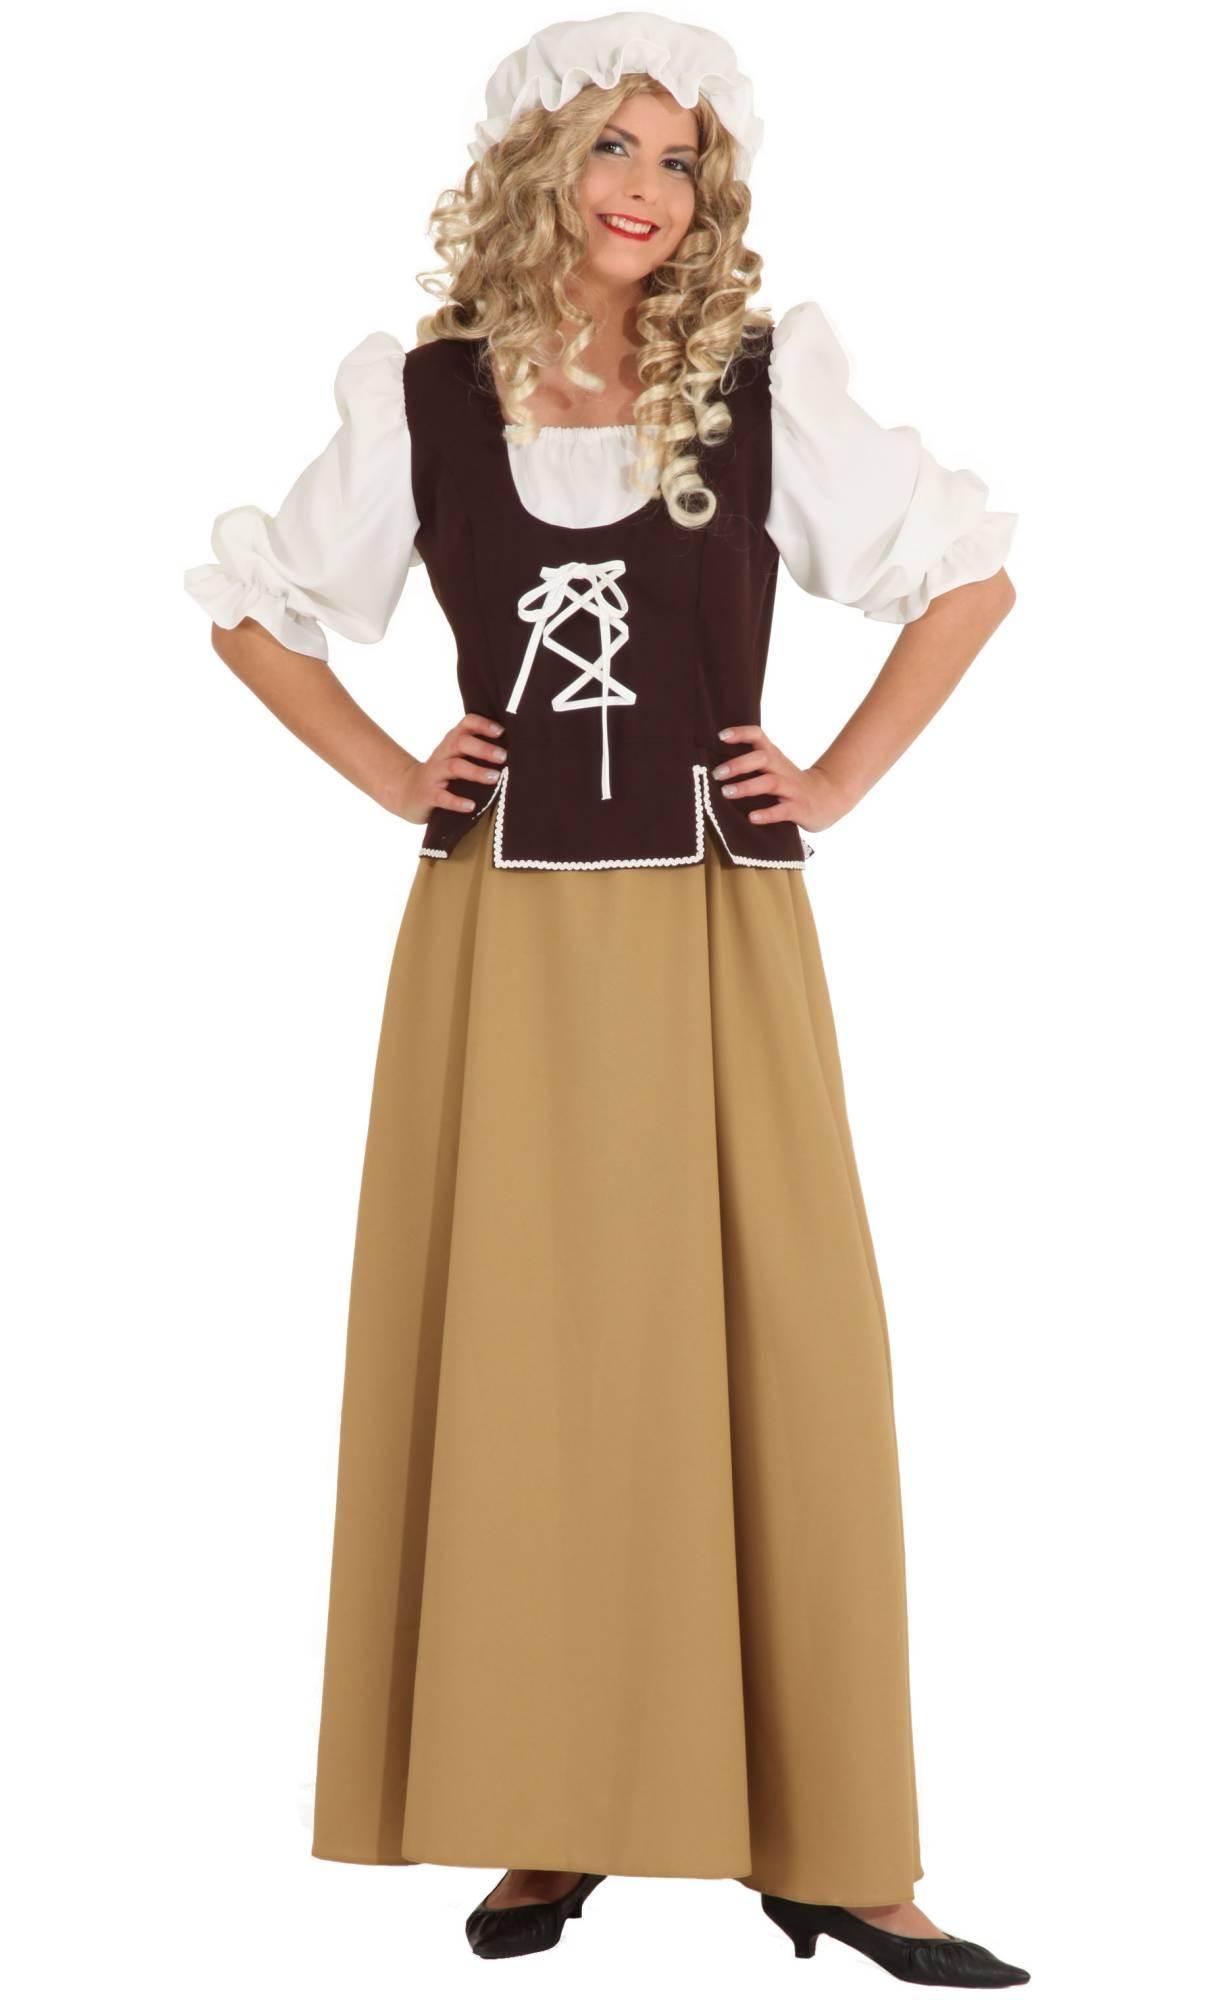 Costume-paysanne-Moyen-âge